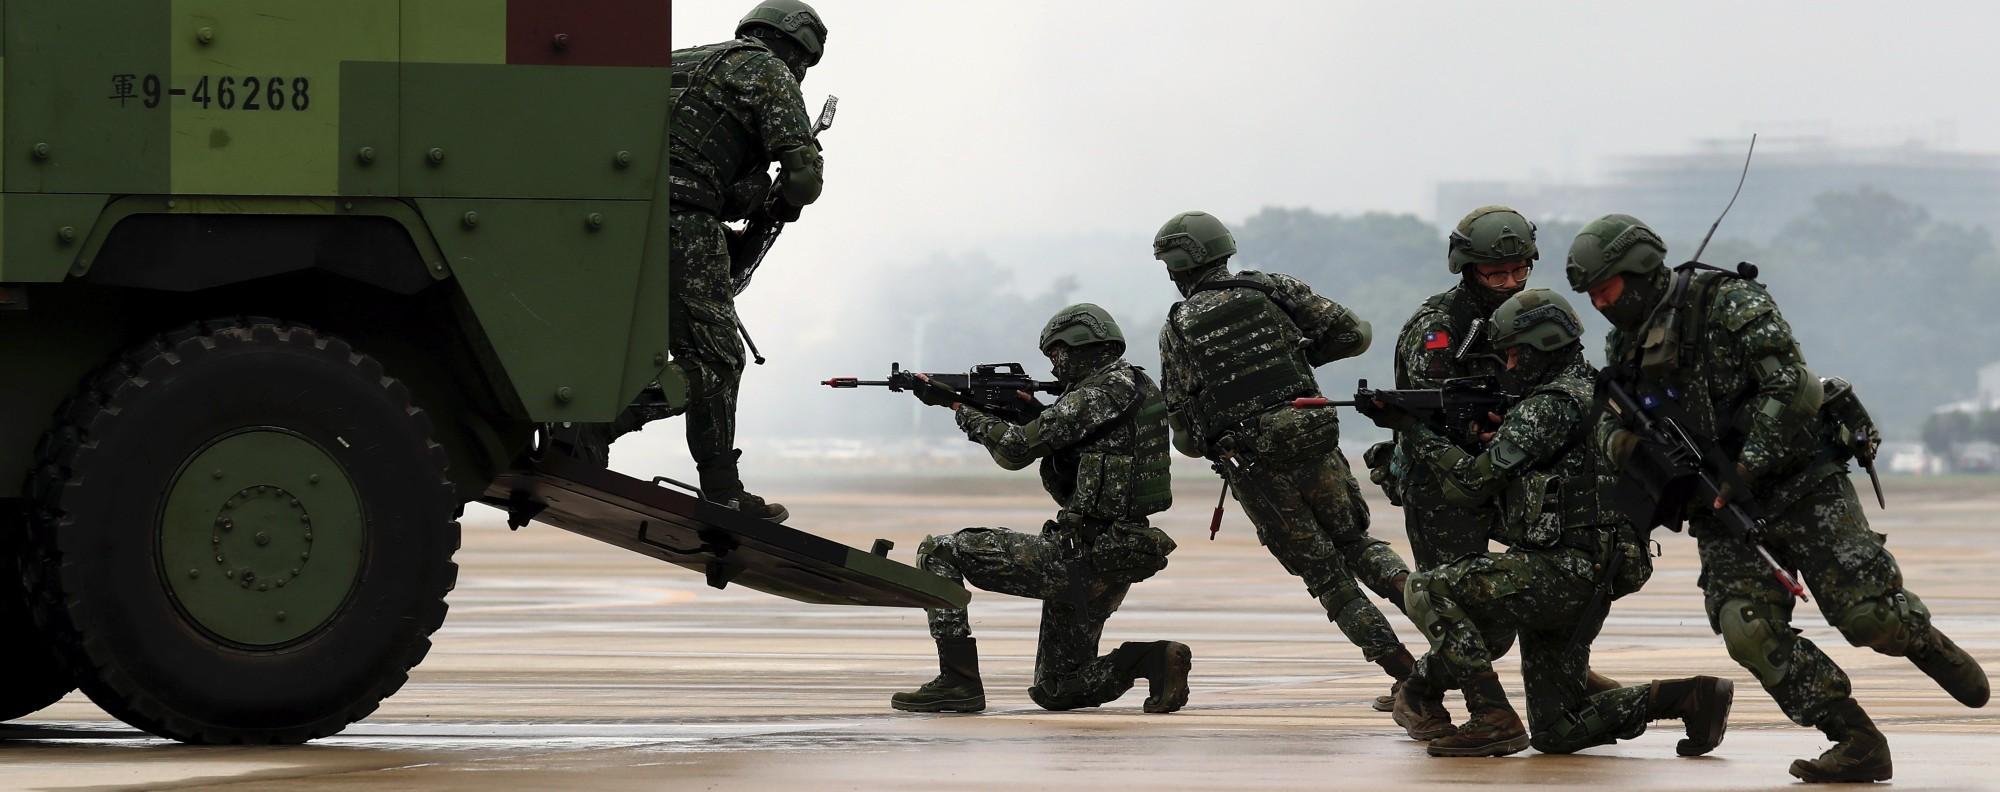 Taiwanese troops. Photo: EPA